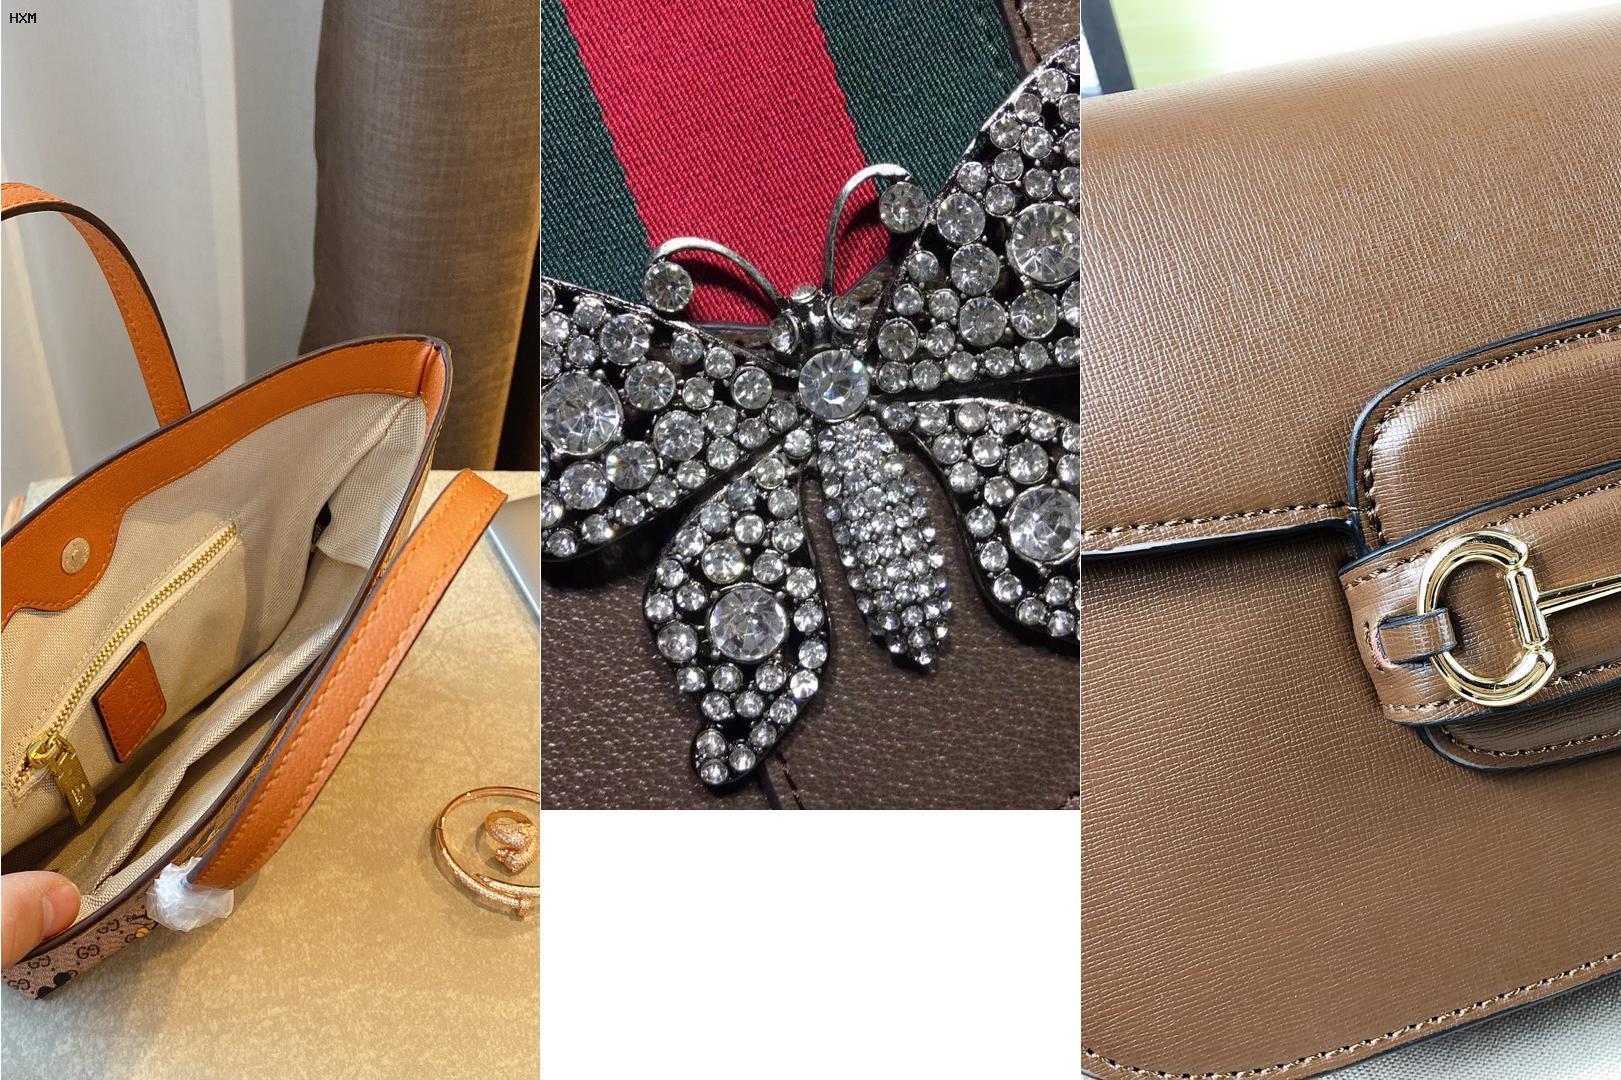 zapatos de mujer marca gucci